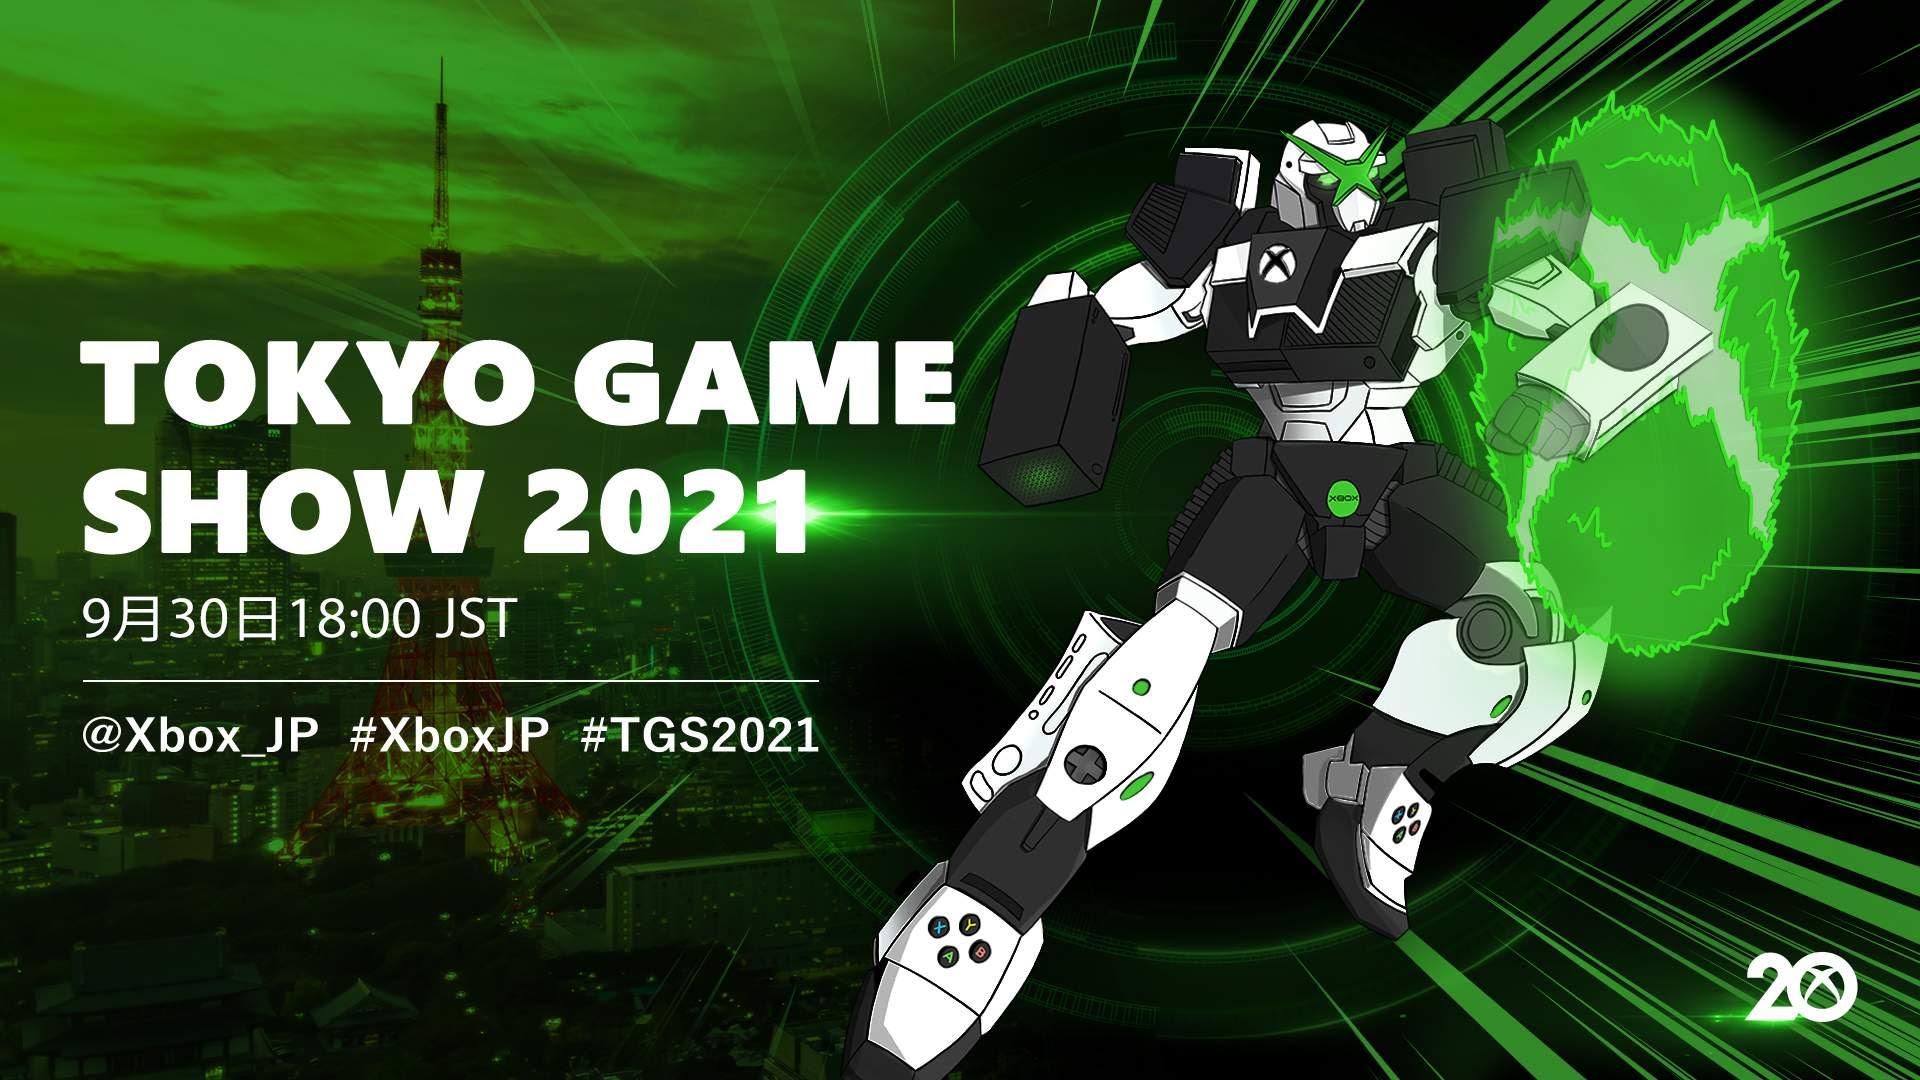 Digital Showcase 2021: Xbox kehrt zur Tokyo Game Show 2021 zurück